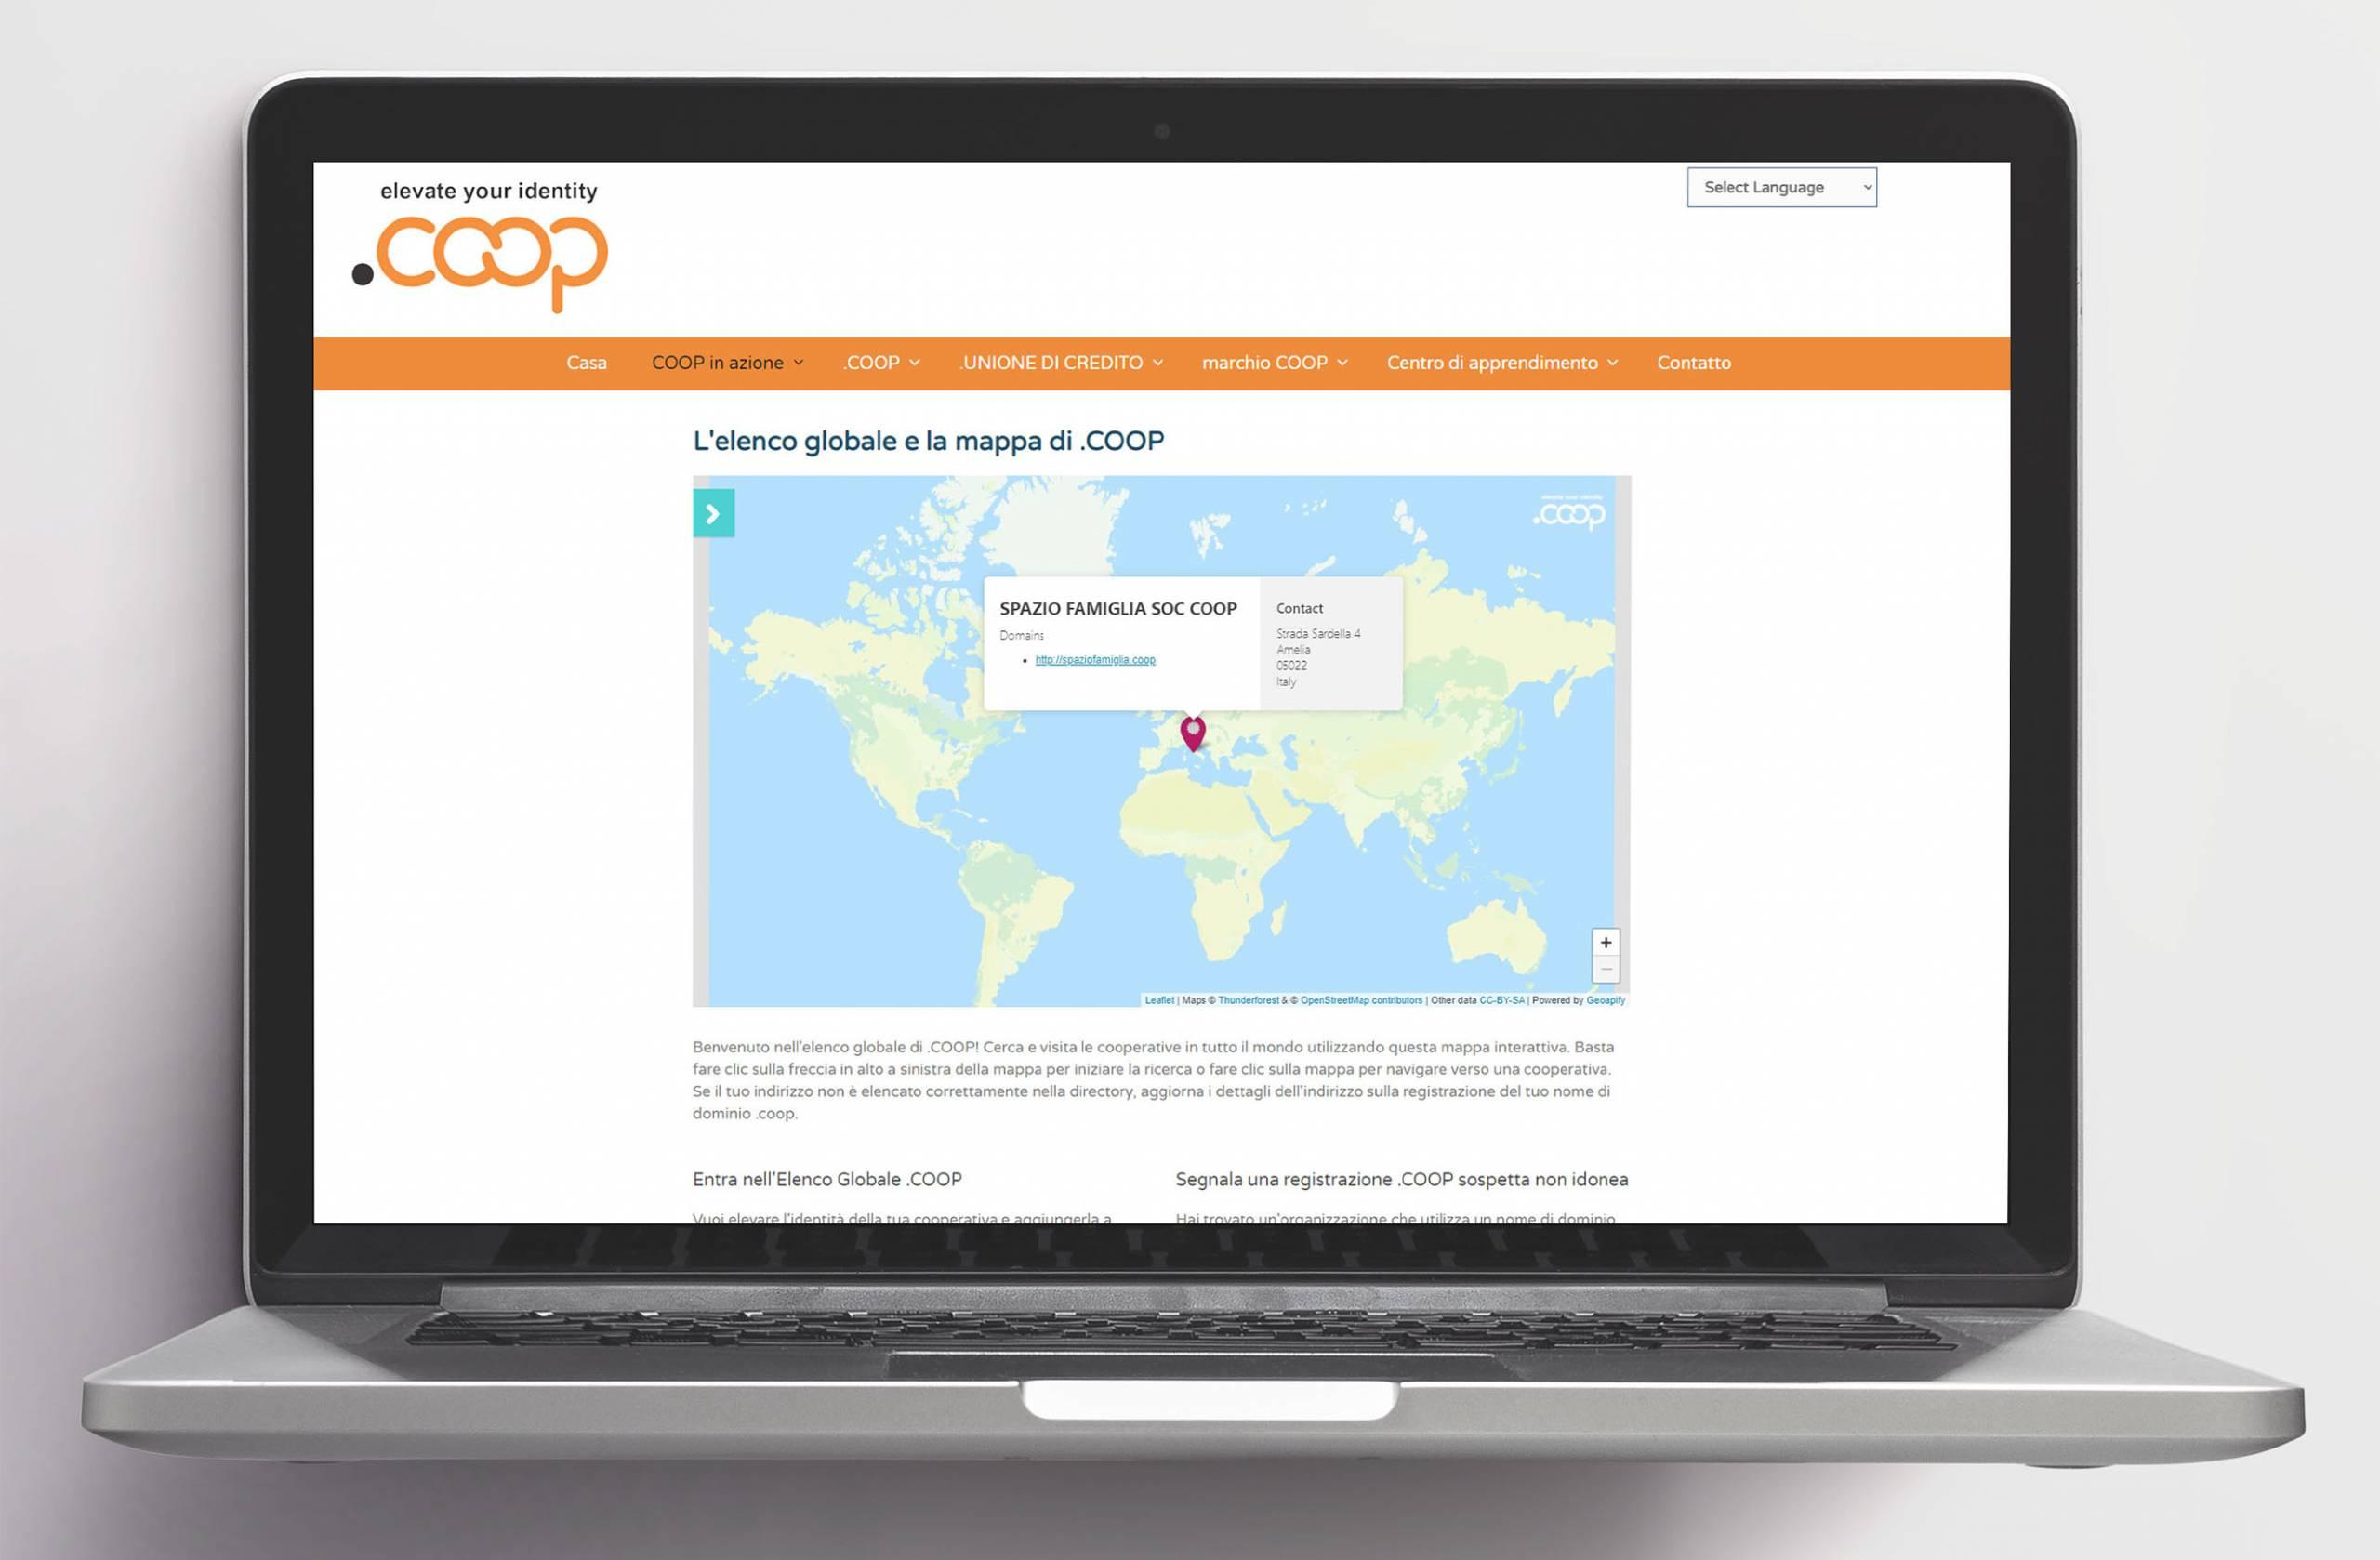 L'elenco globale delle cooperative e la mappa di .COOP